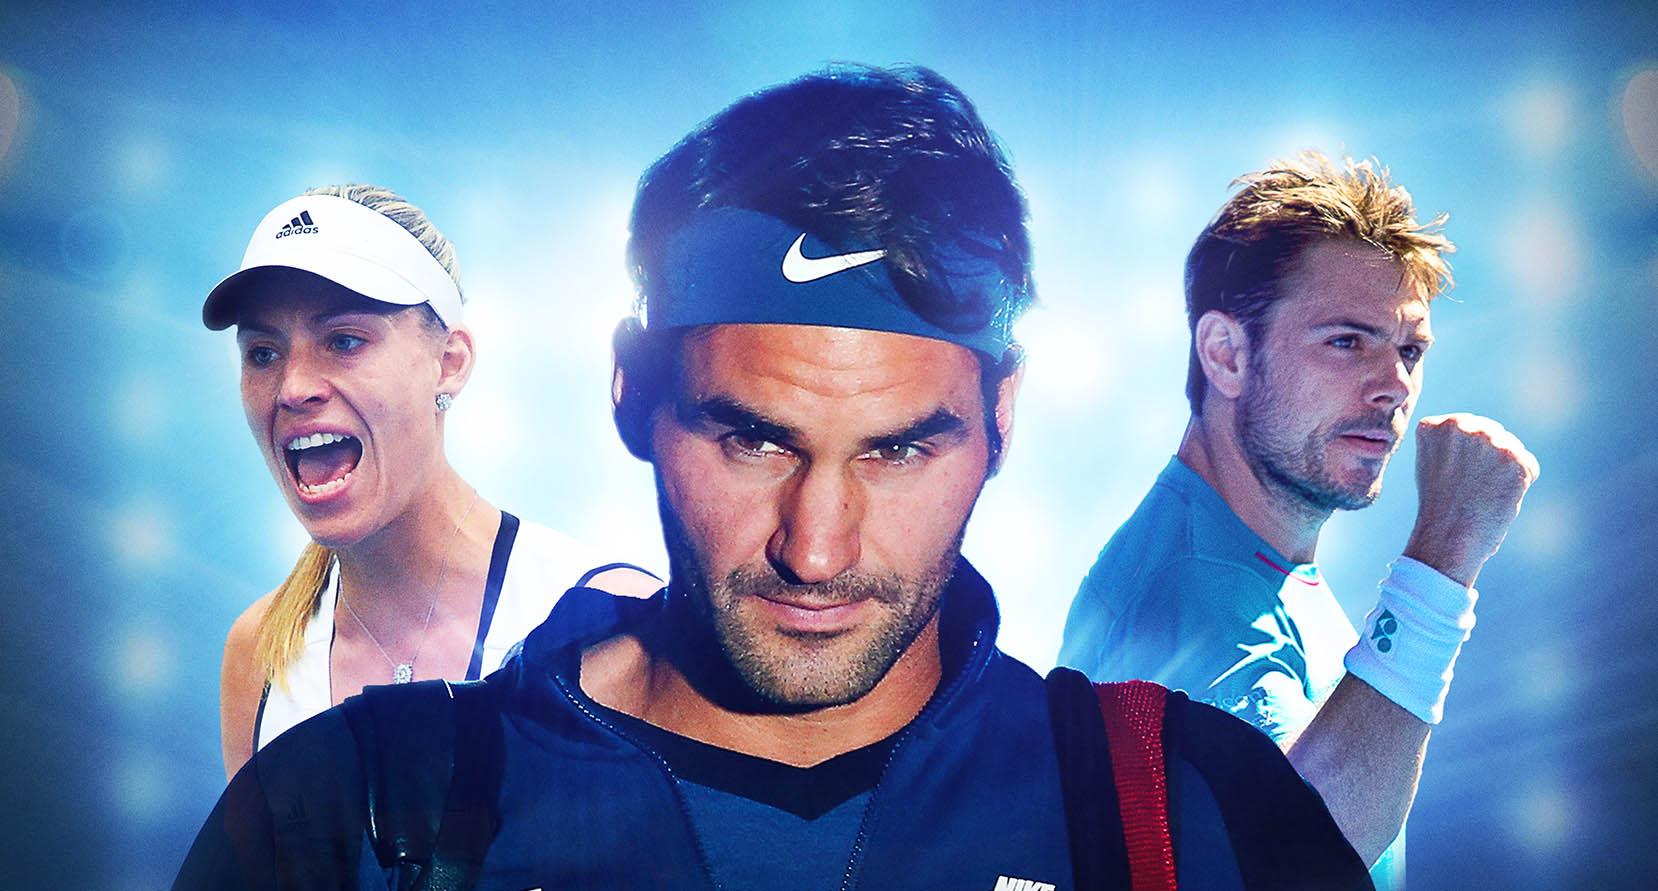 Tennis World Tour, lancio puntuale ma comparto online non pervenuto